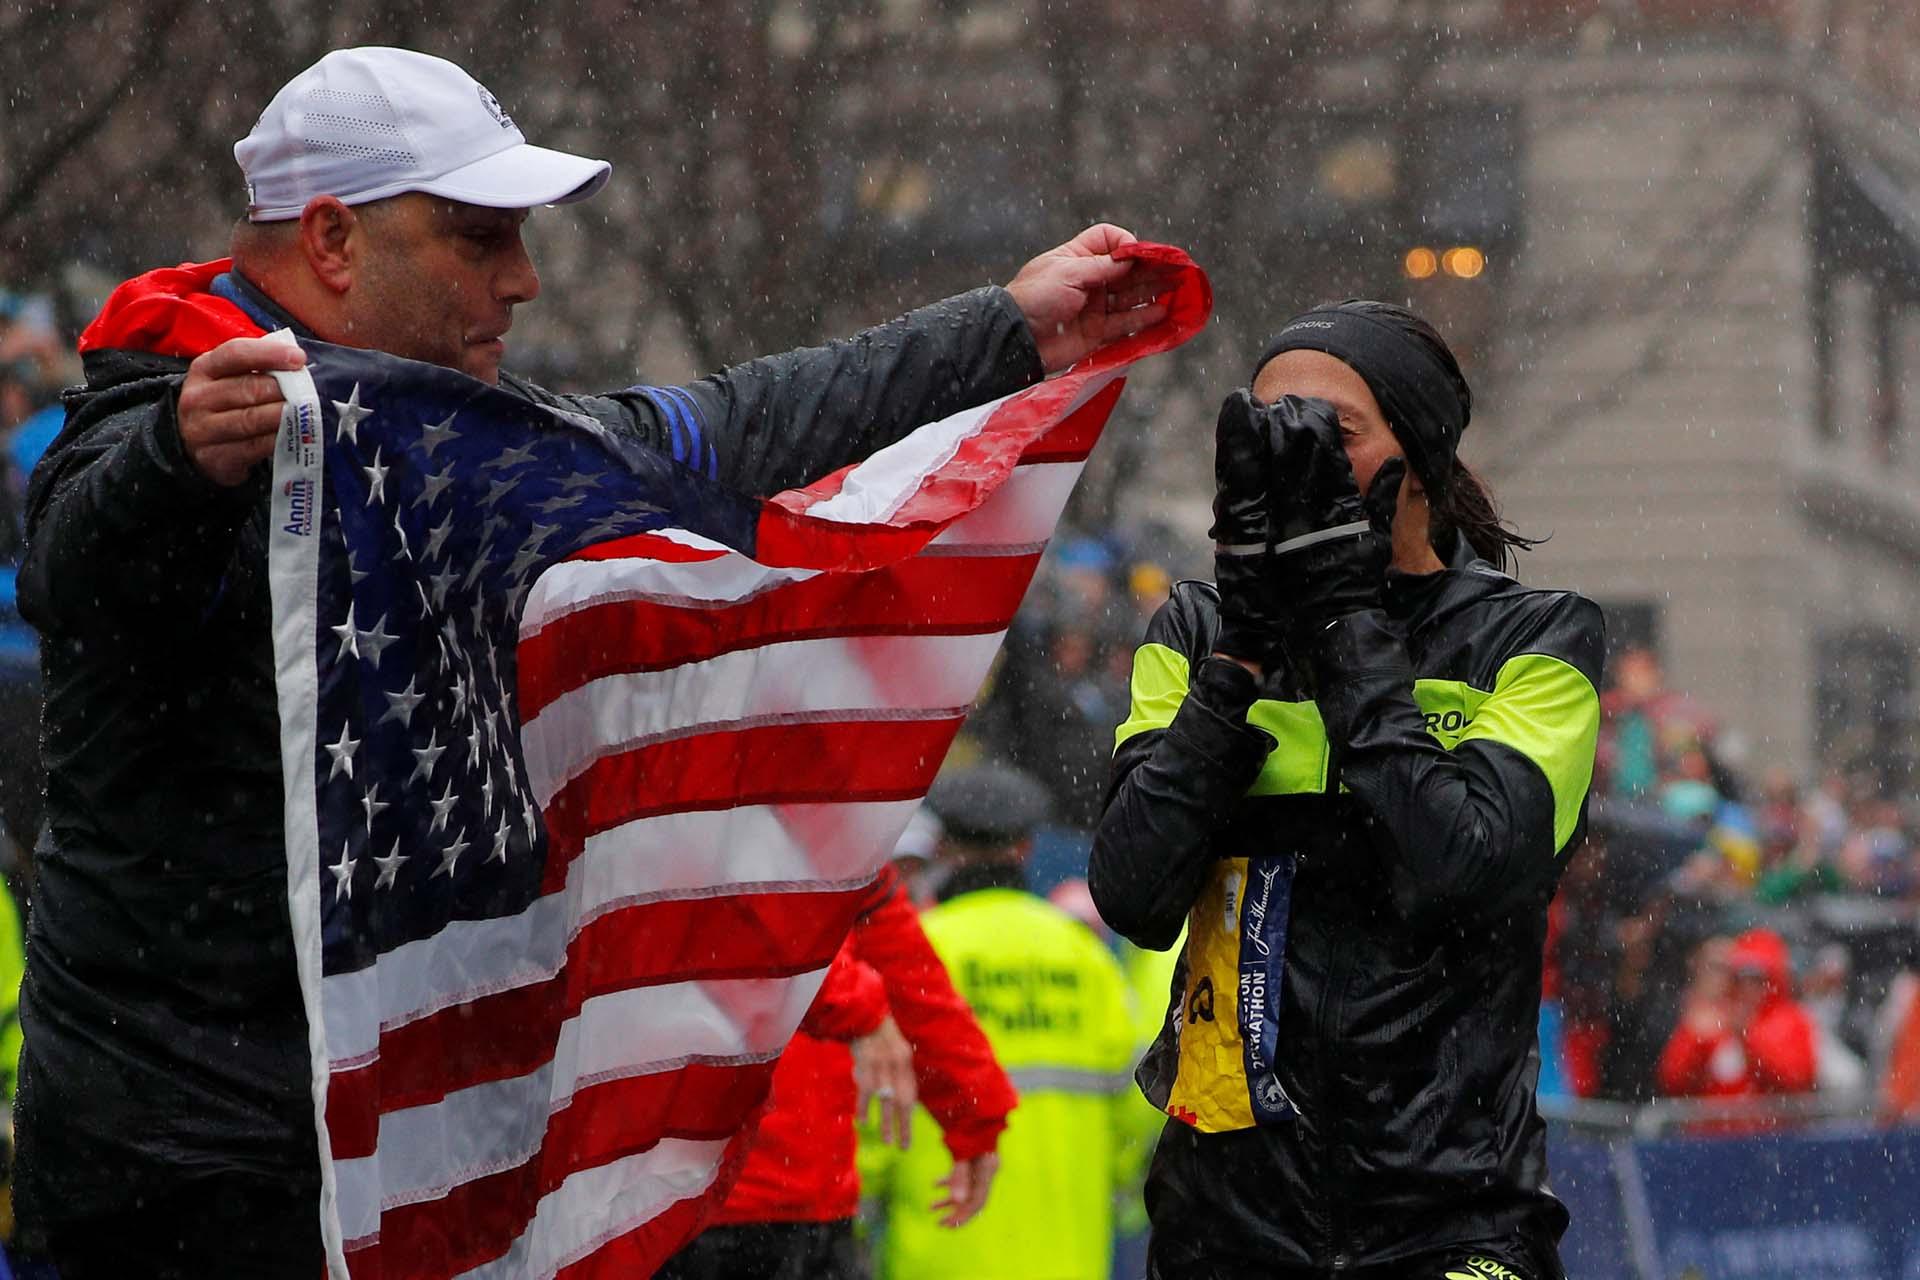 También Linden, como se esperaba, se aprovechó de las malas condiciones climatológicas, que afectaron más a las corredoras africanas